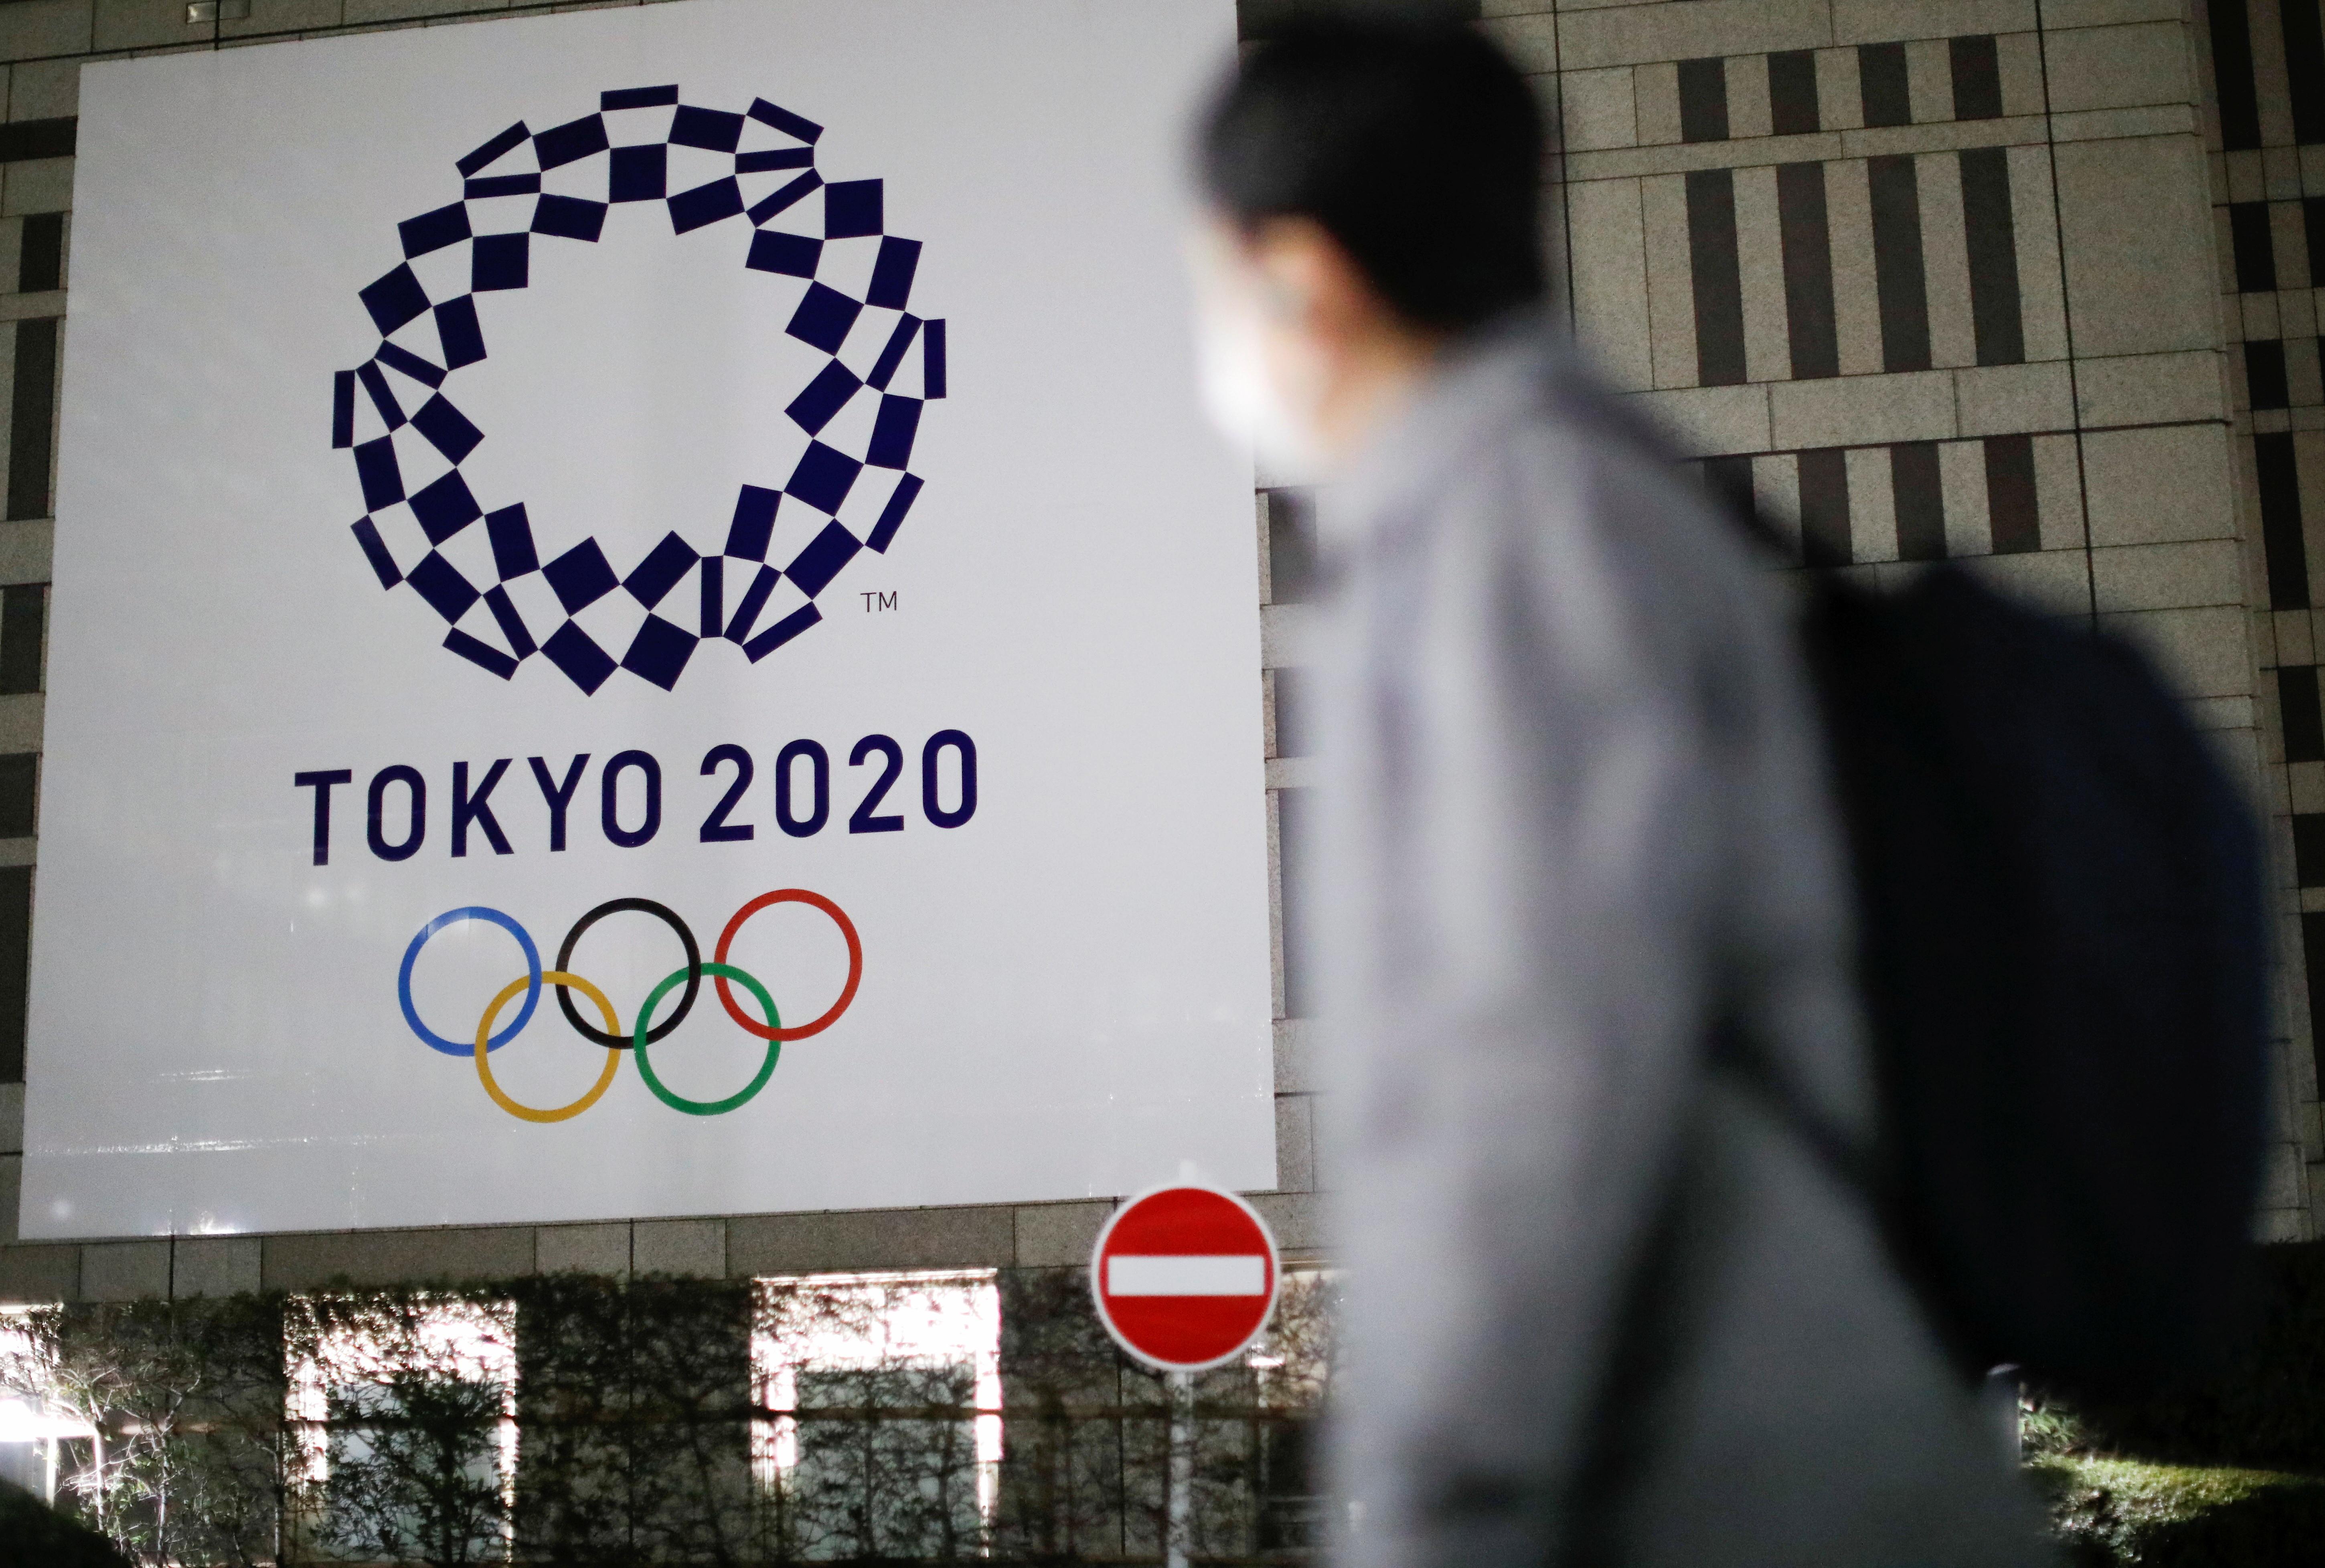 日本,疫情,東京奧運,COVID-19,緊急宣言,國際奧委會,違約金,運動員,觀光